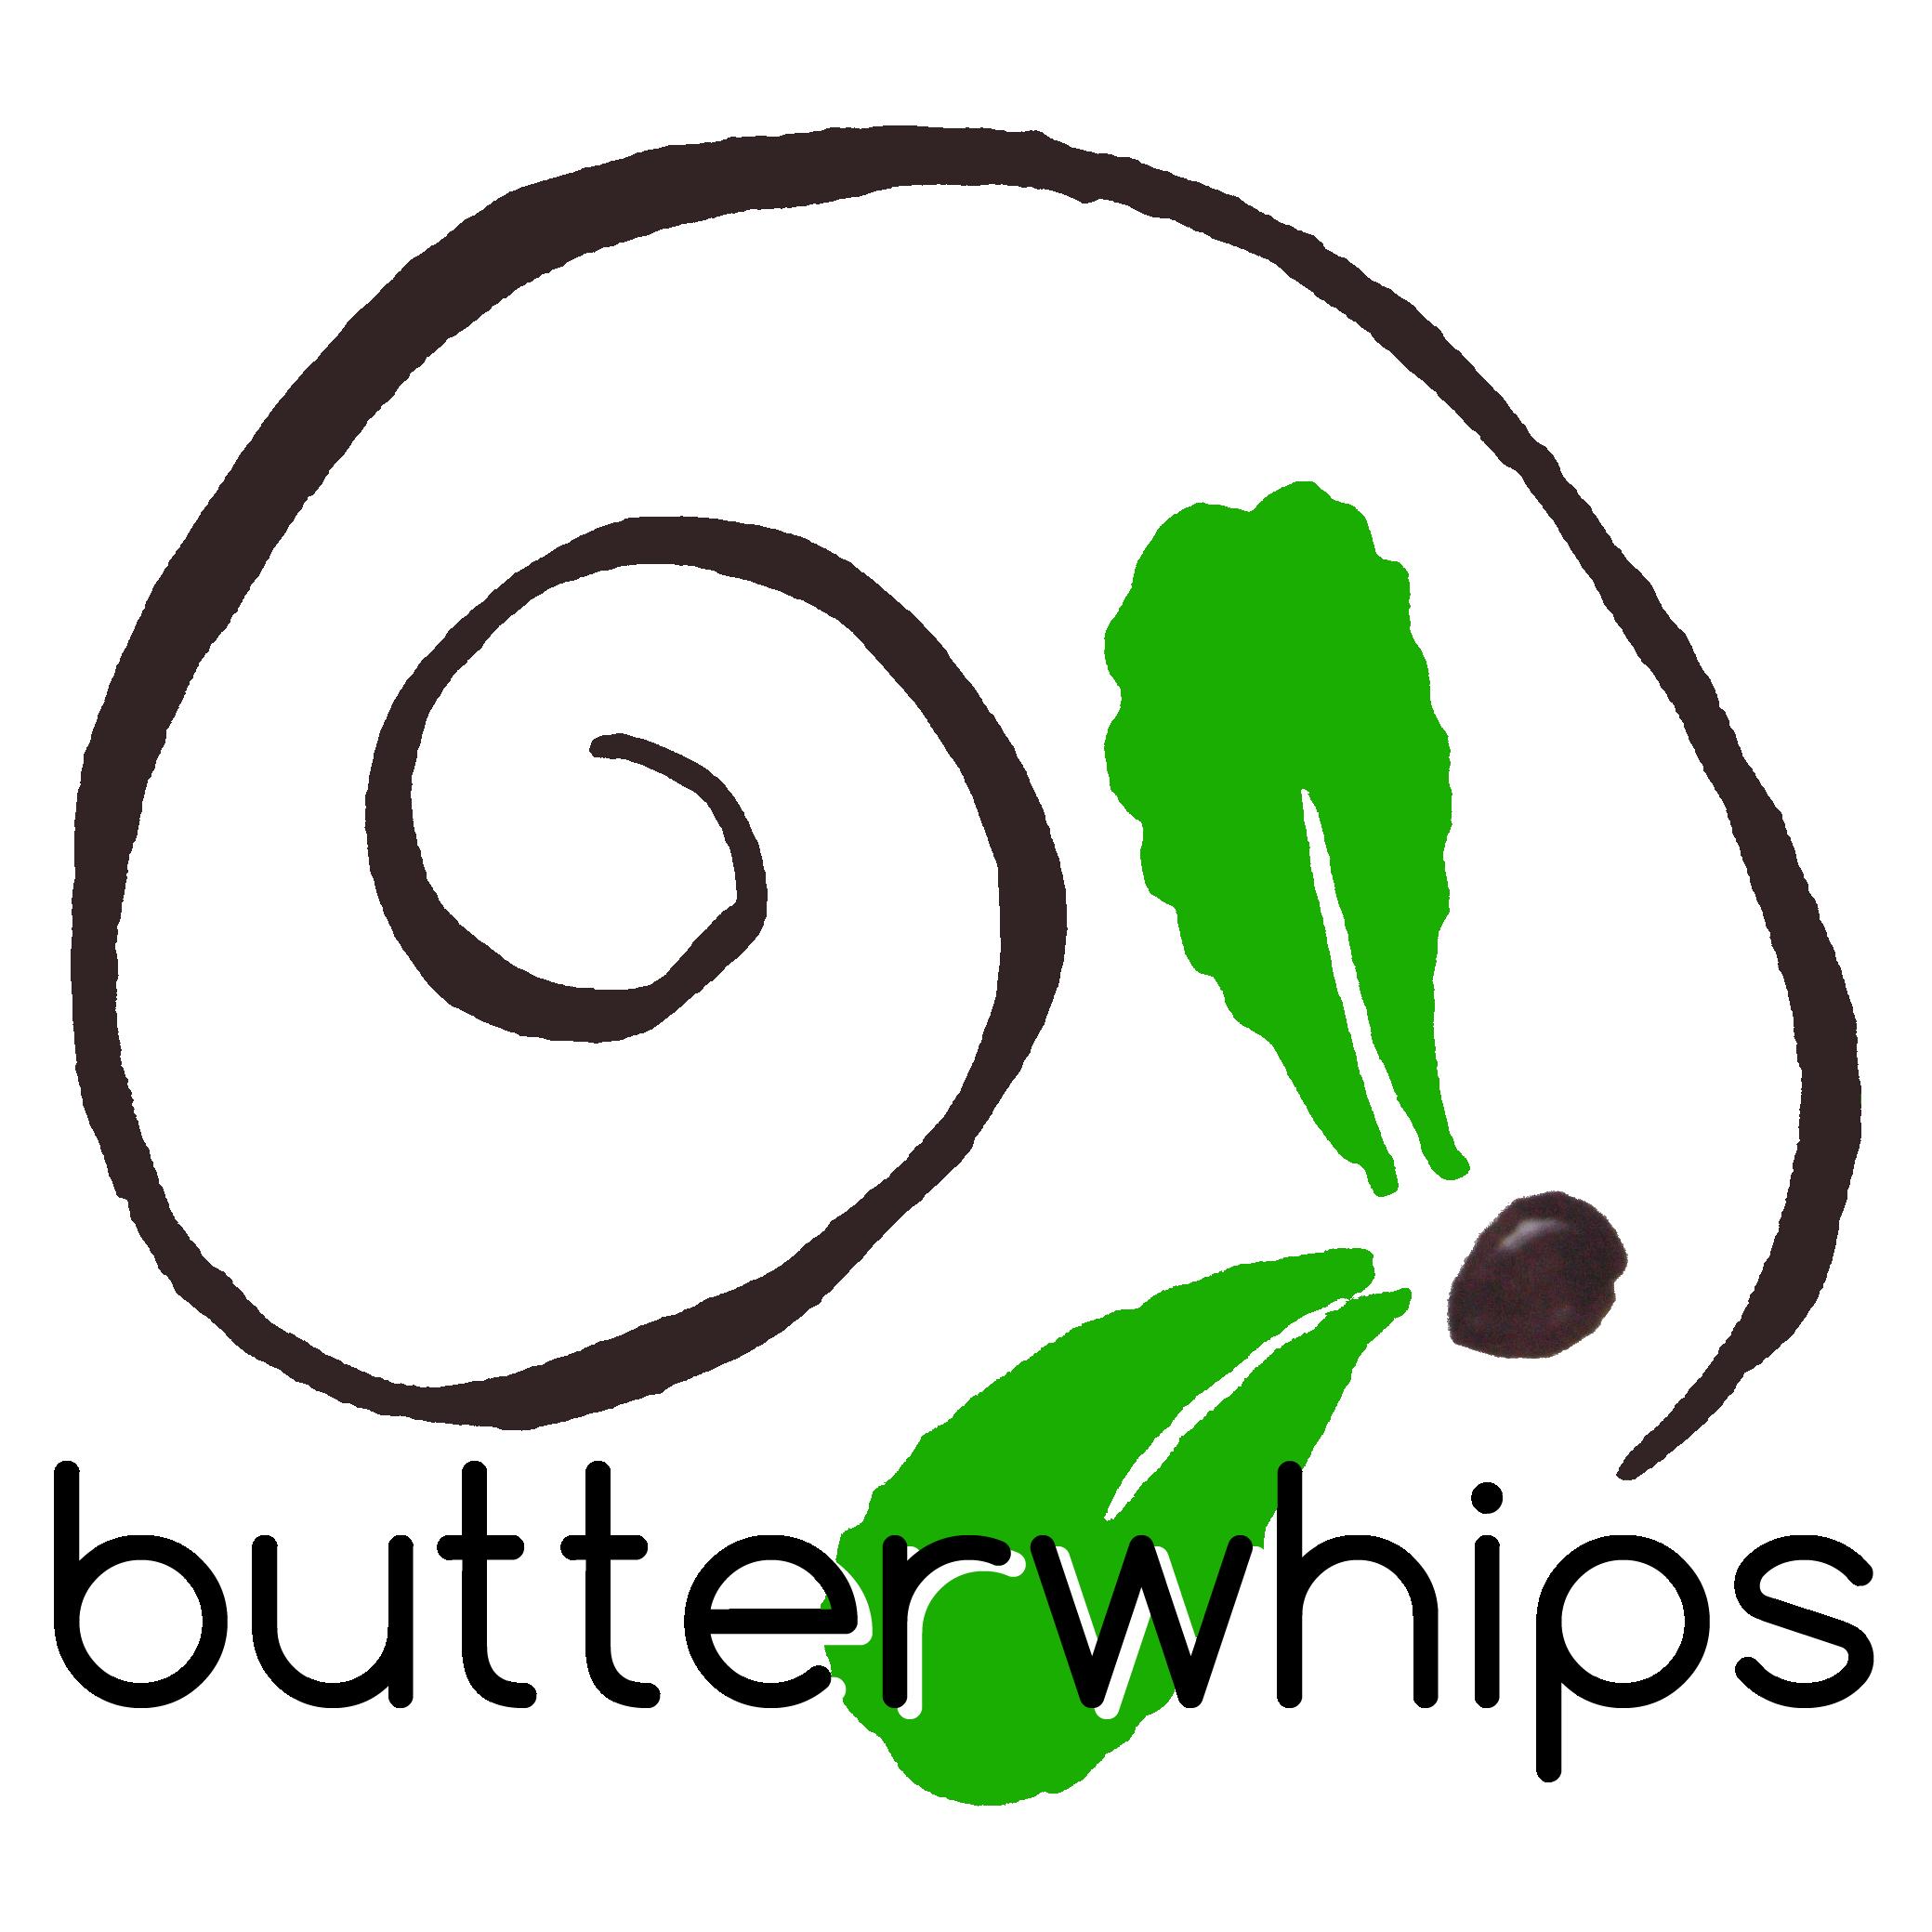 Butterwhips